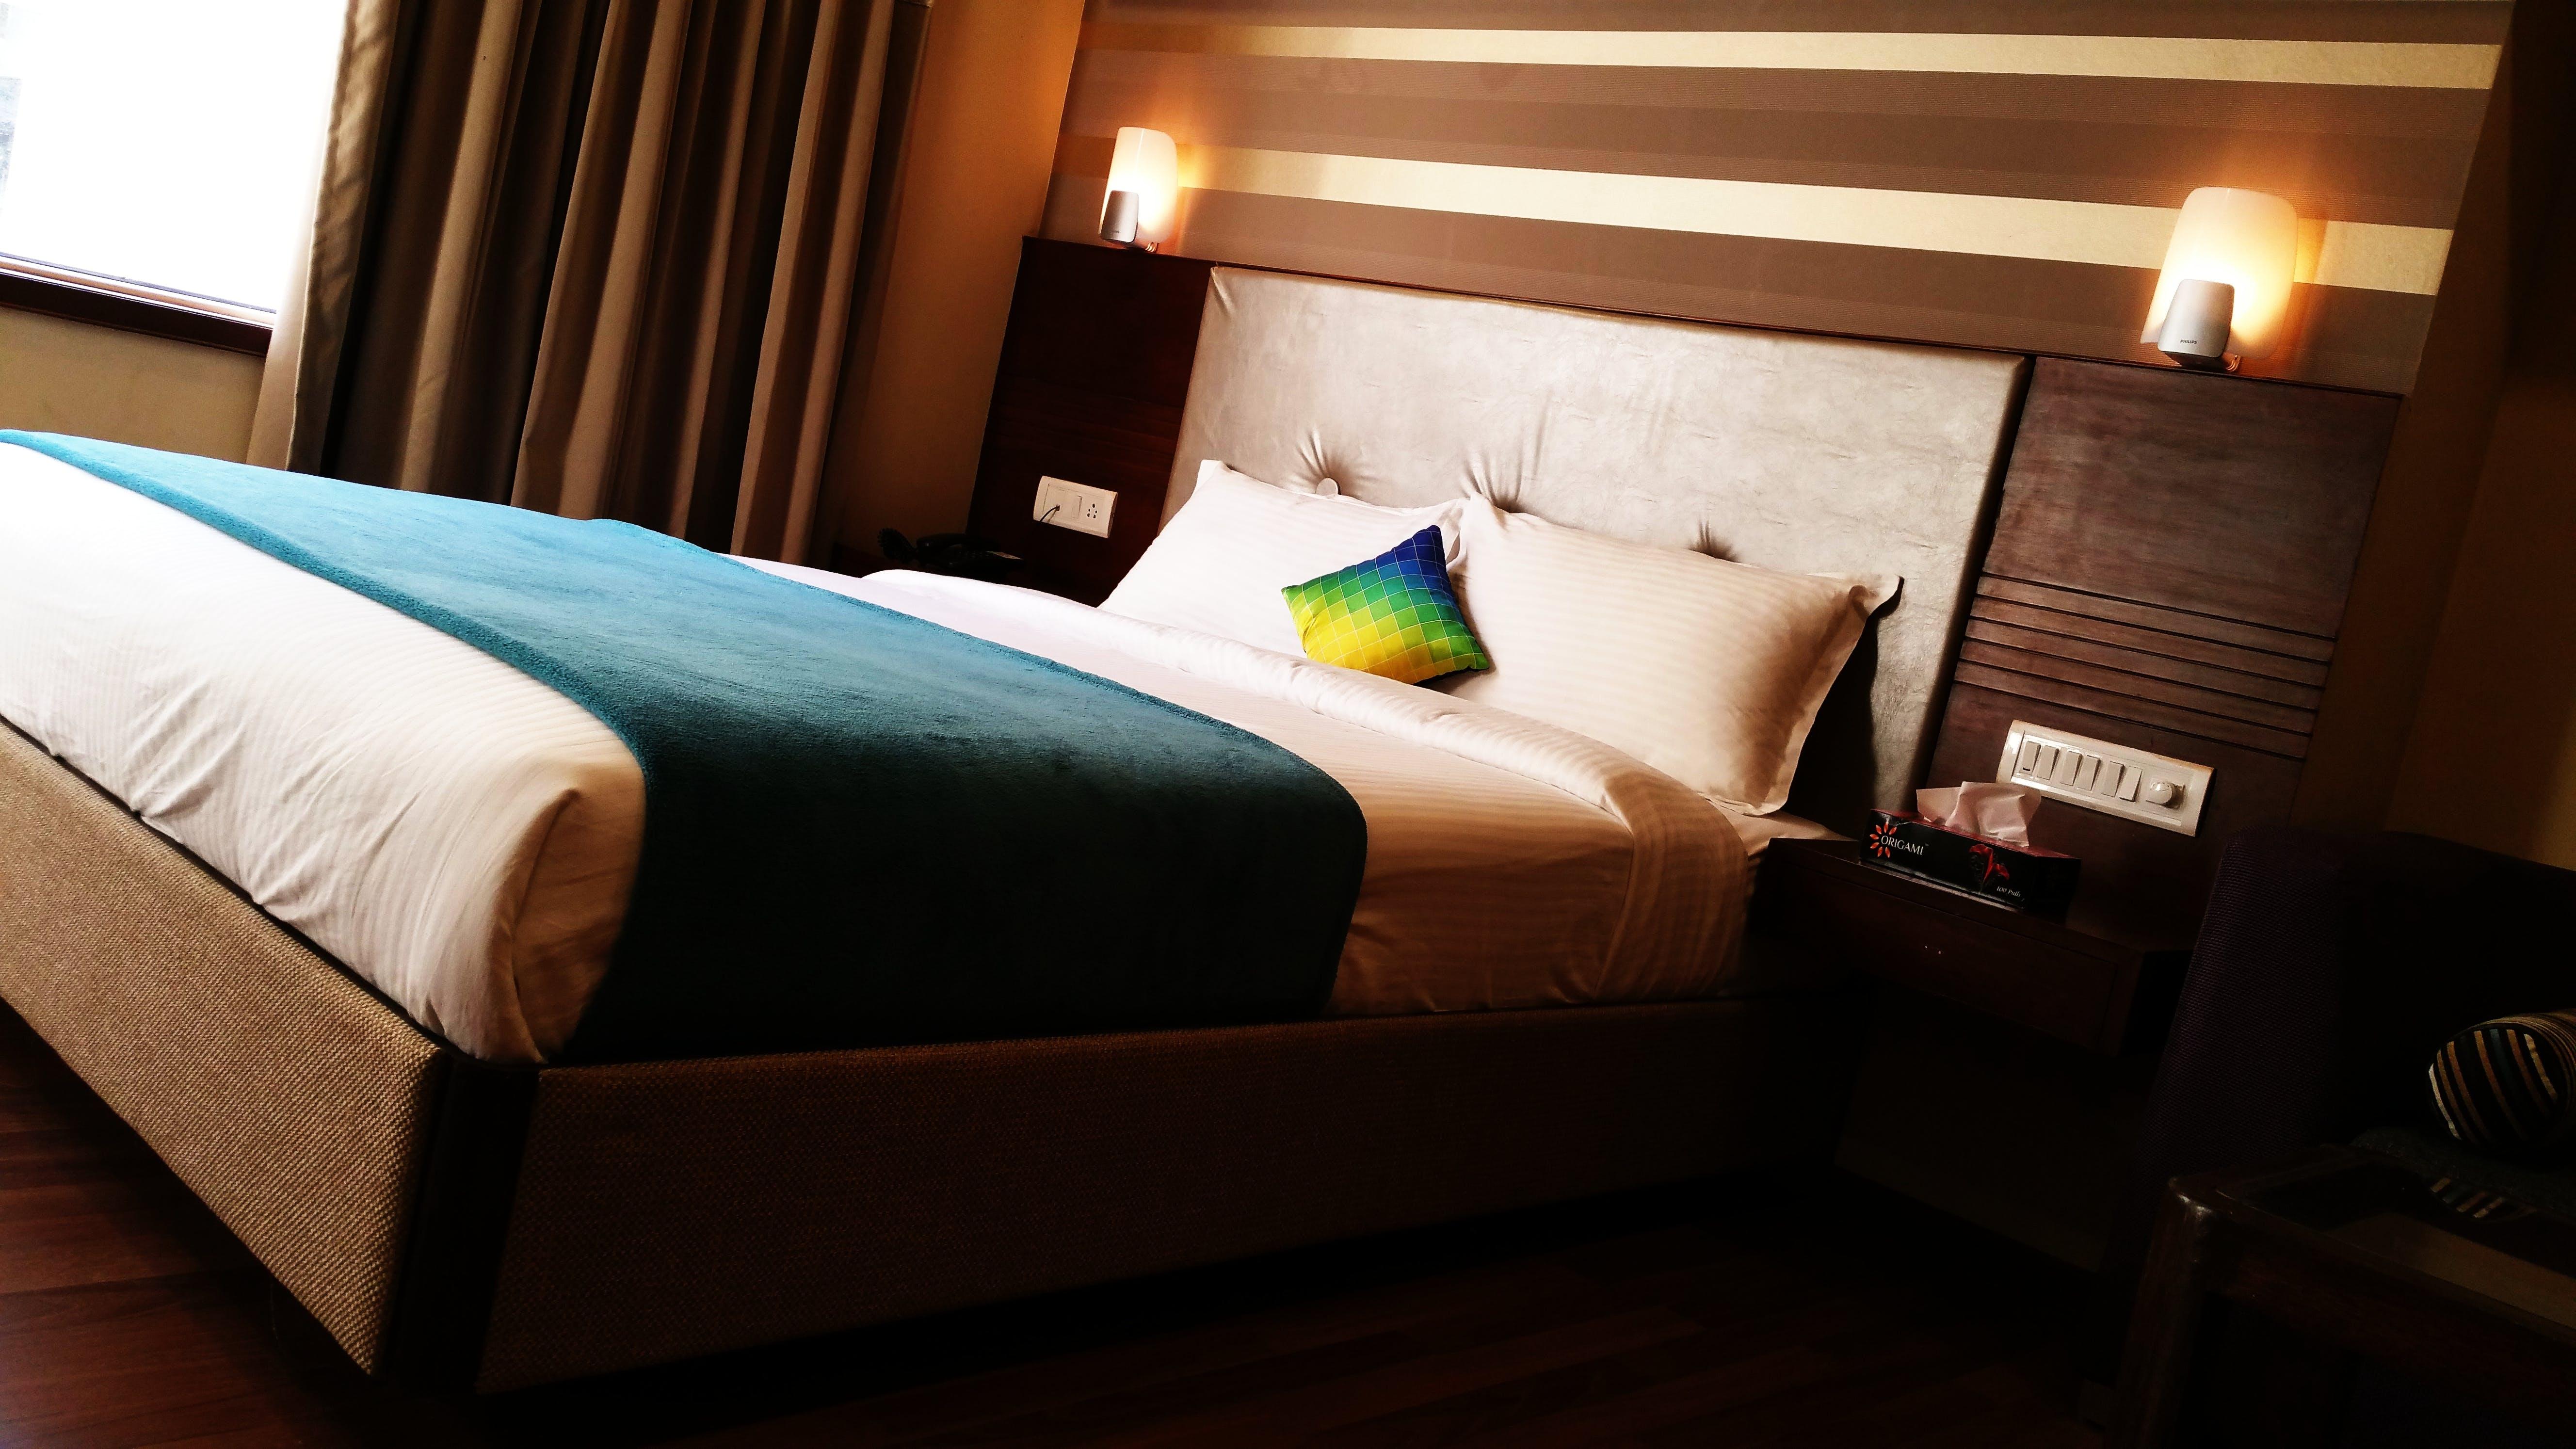 Gratis stockfoto met bed, binnenshuis, blauw, bruin